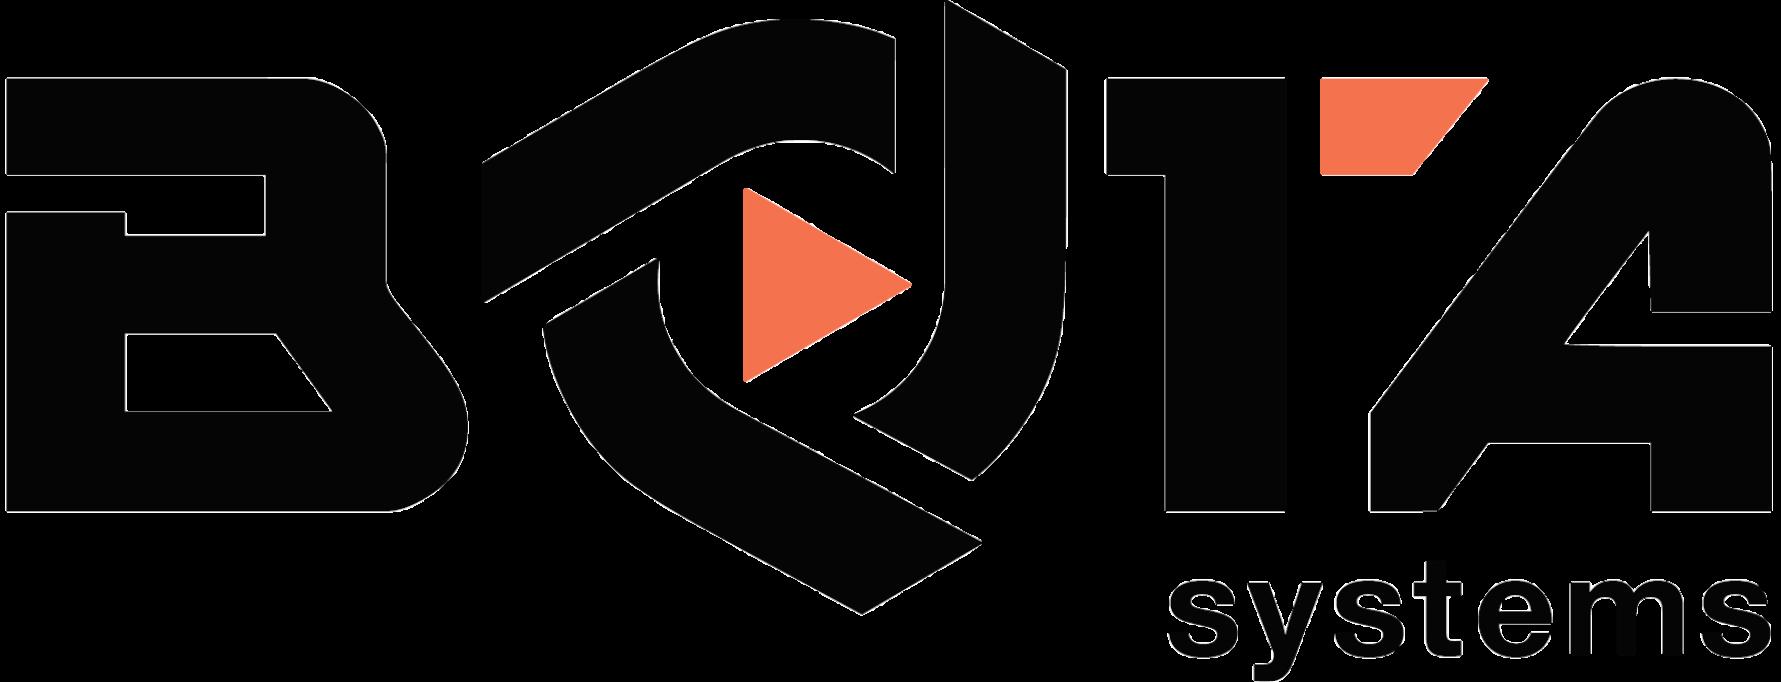 Bota Systems logo